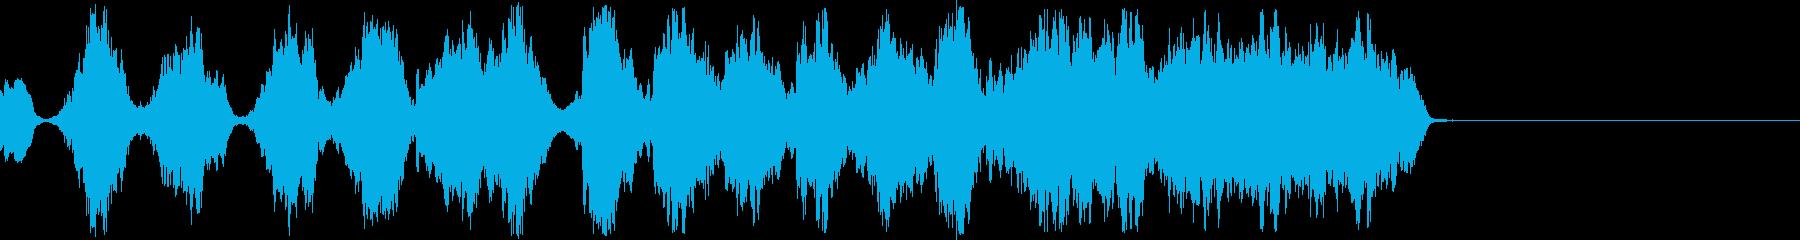 機械的な恐怖音の再生済みの波形